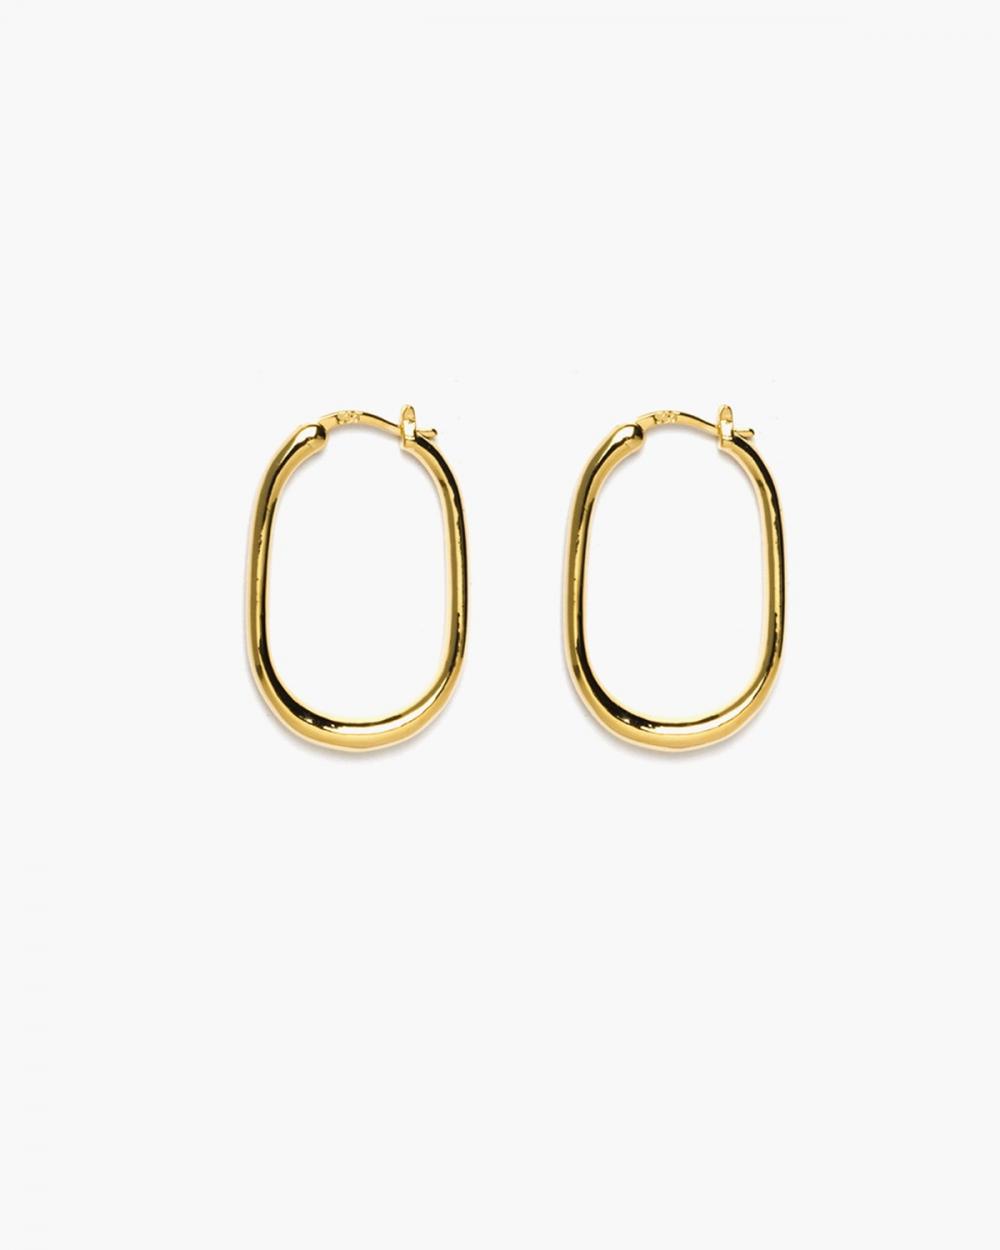 orecchini coppia ellisse filo tondo chiusura a scatto oro giallo lucido